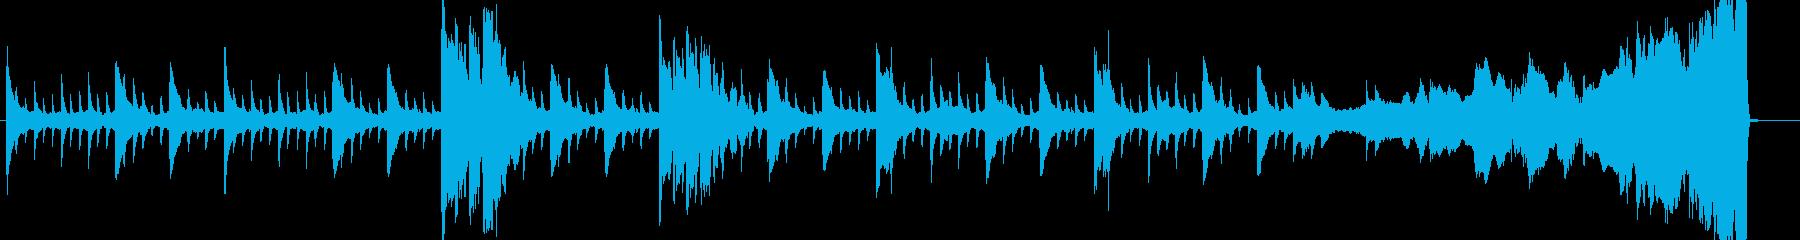 ゴシックホラーなピアノBGMの再生済みの波形